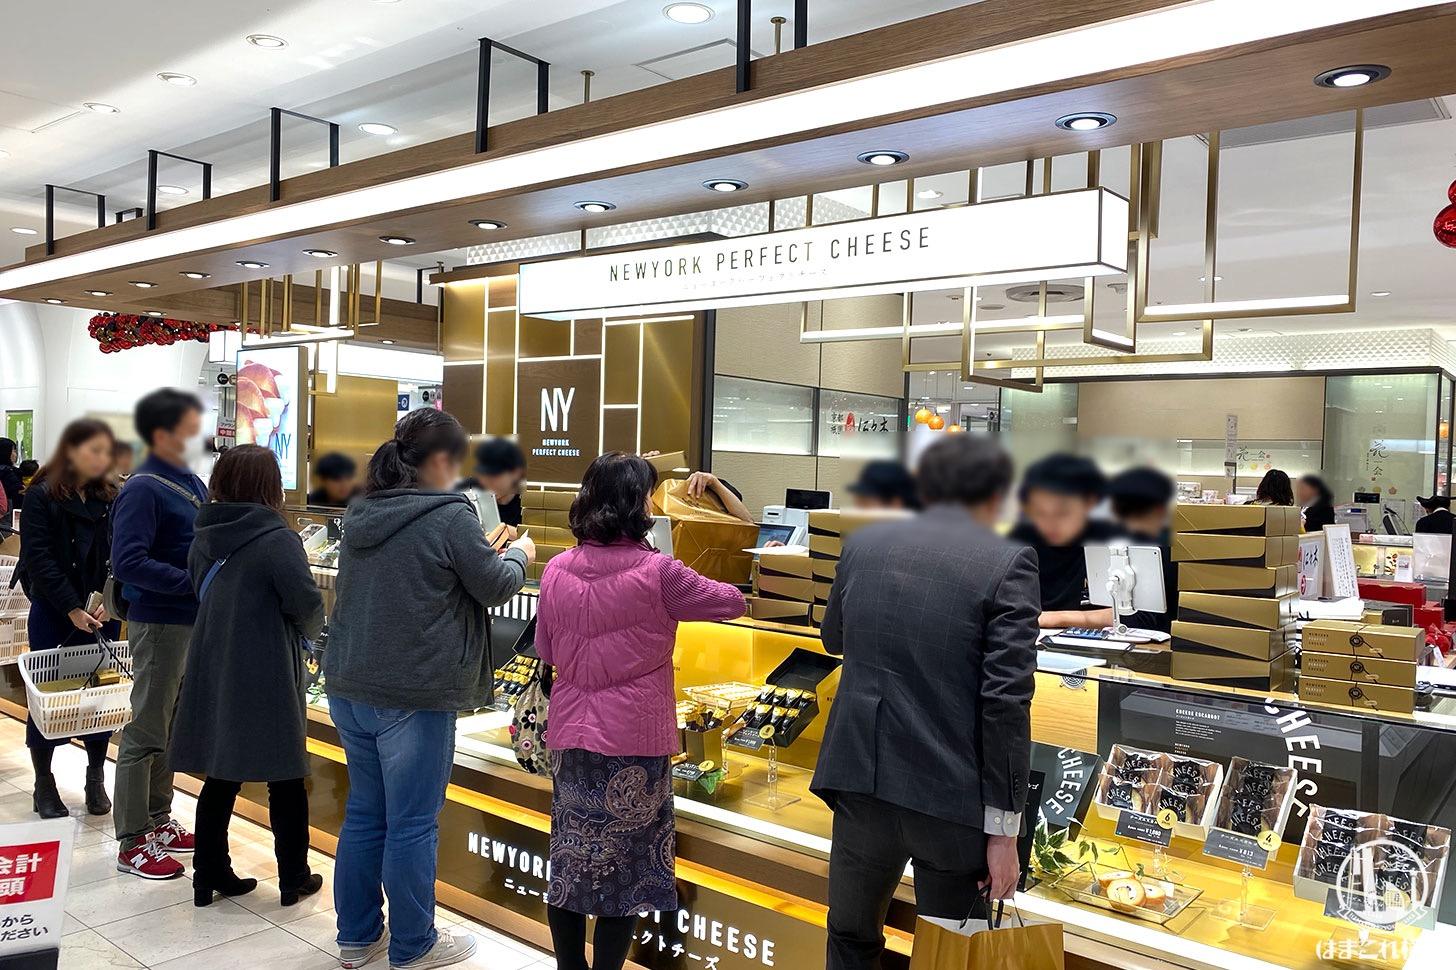 ニューヨークパーフェクトチーズ そごう横浜店